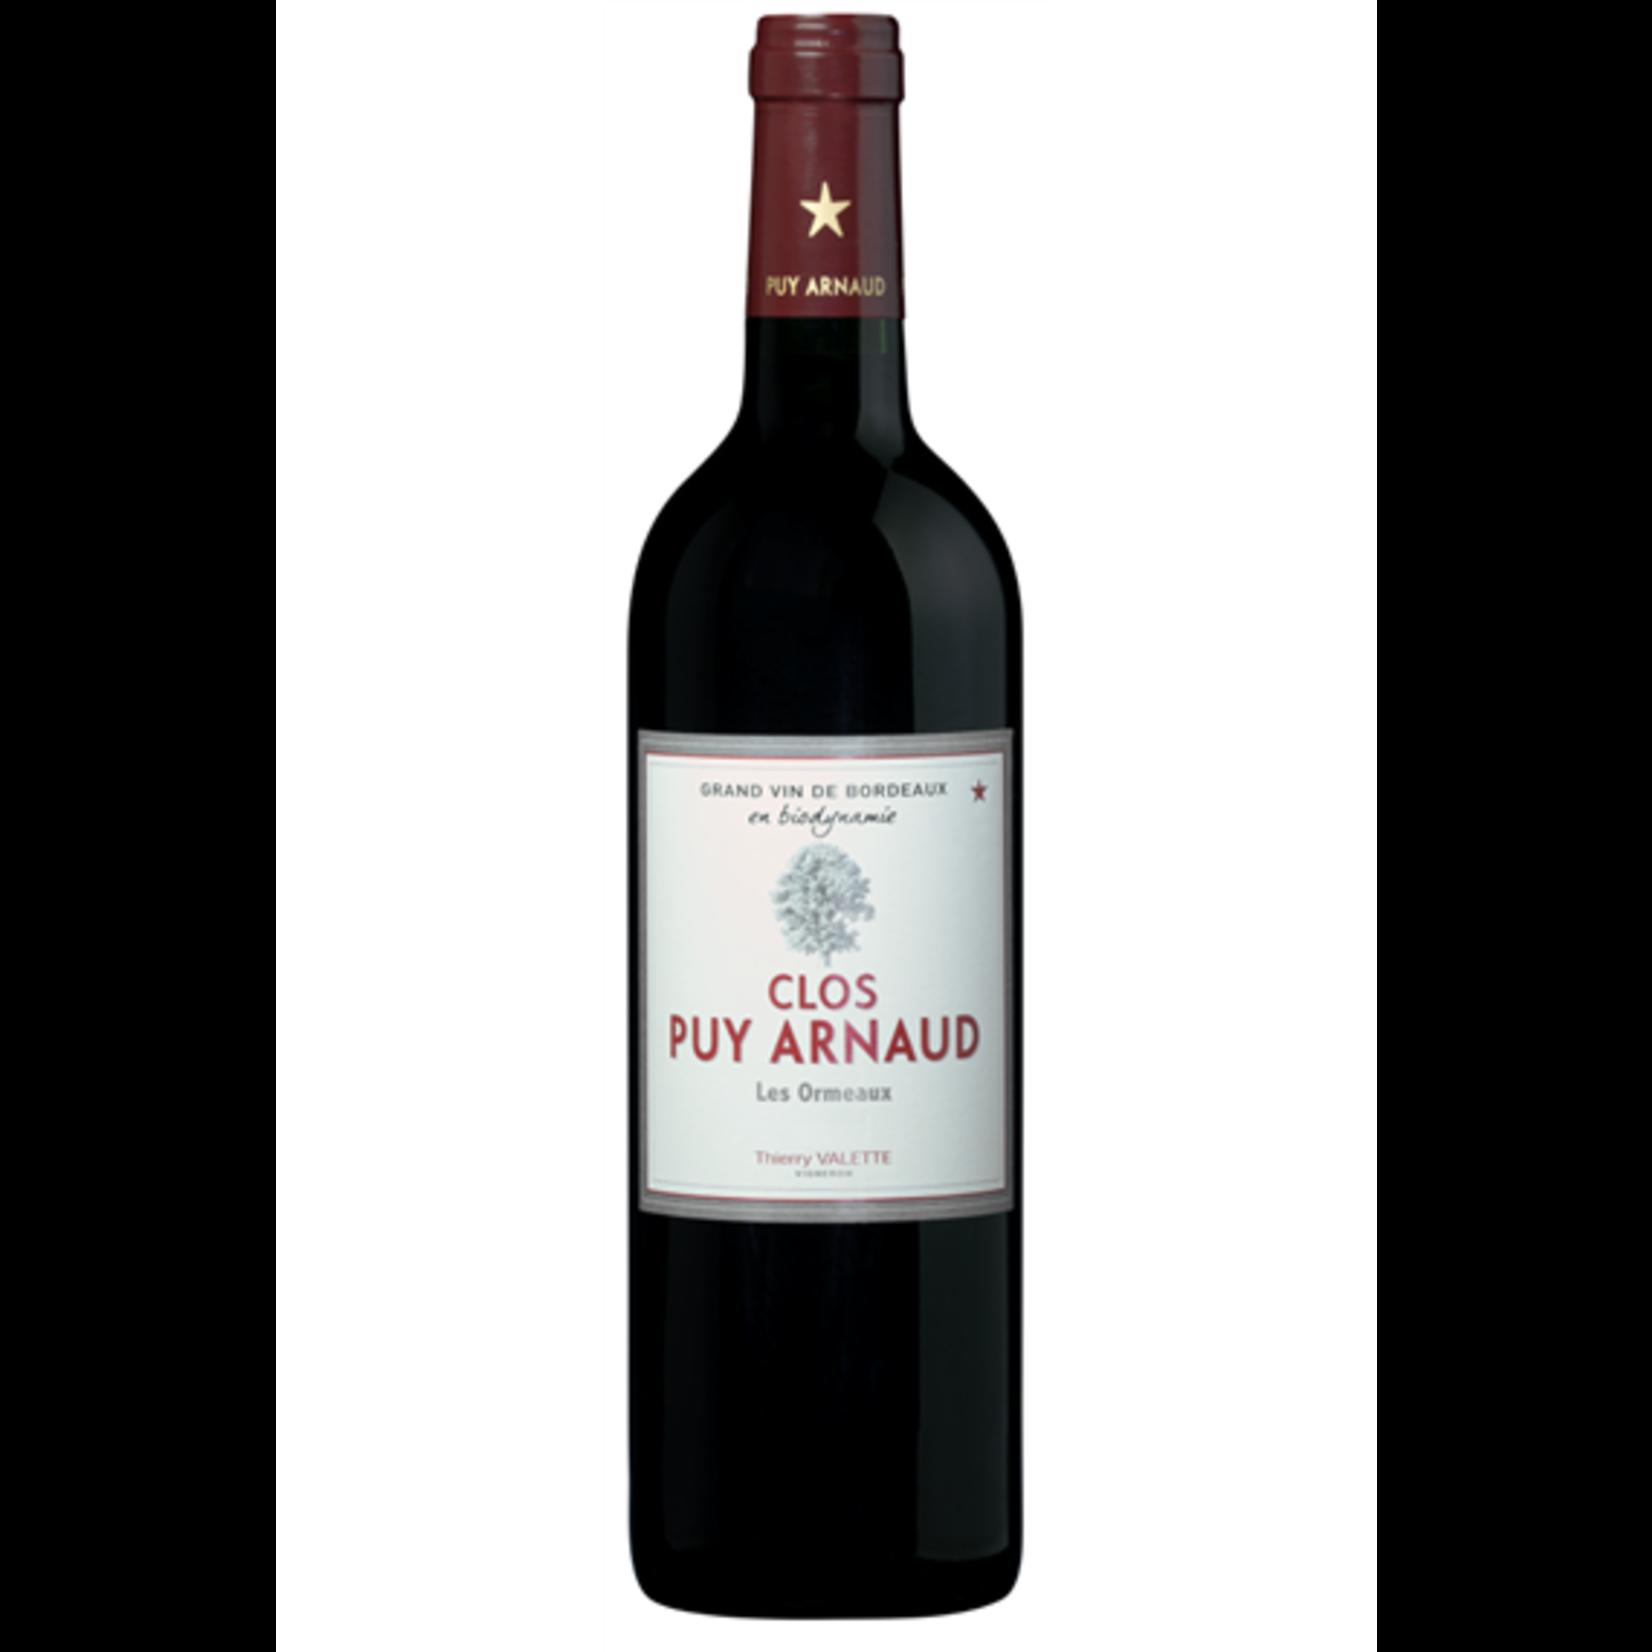 Clos Puy Arnaud Cuvee Les Ormeaux, Castillon Cotes de Bordeaux, 2016